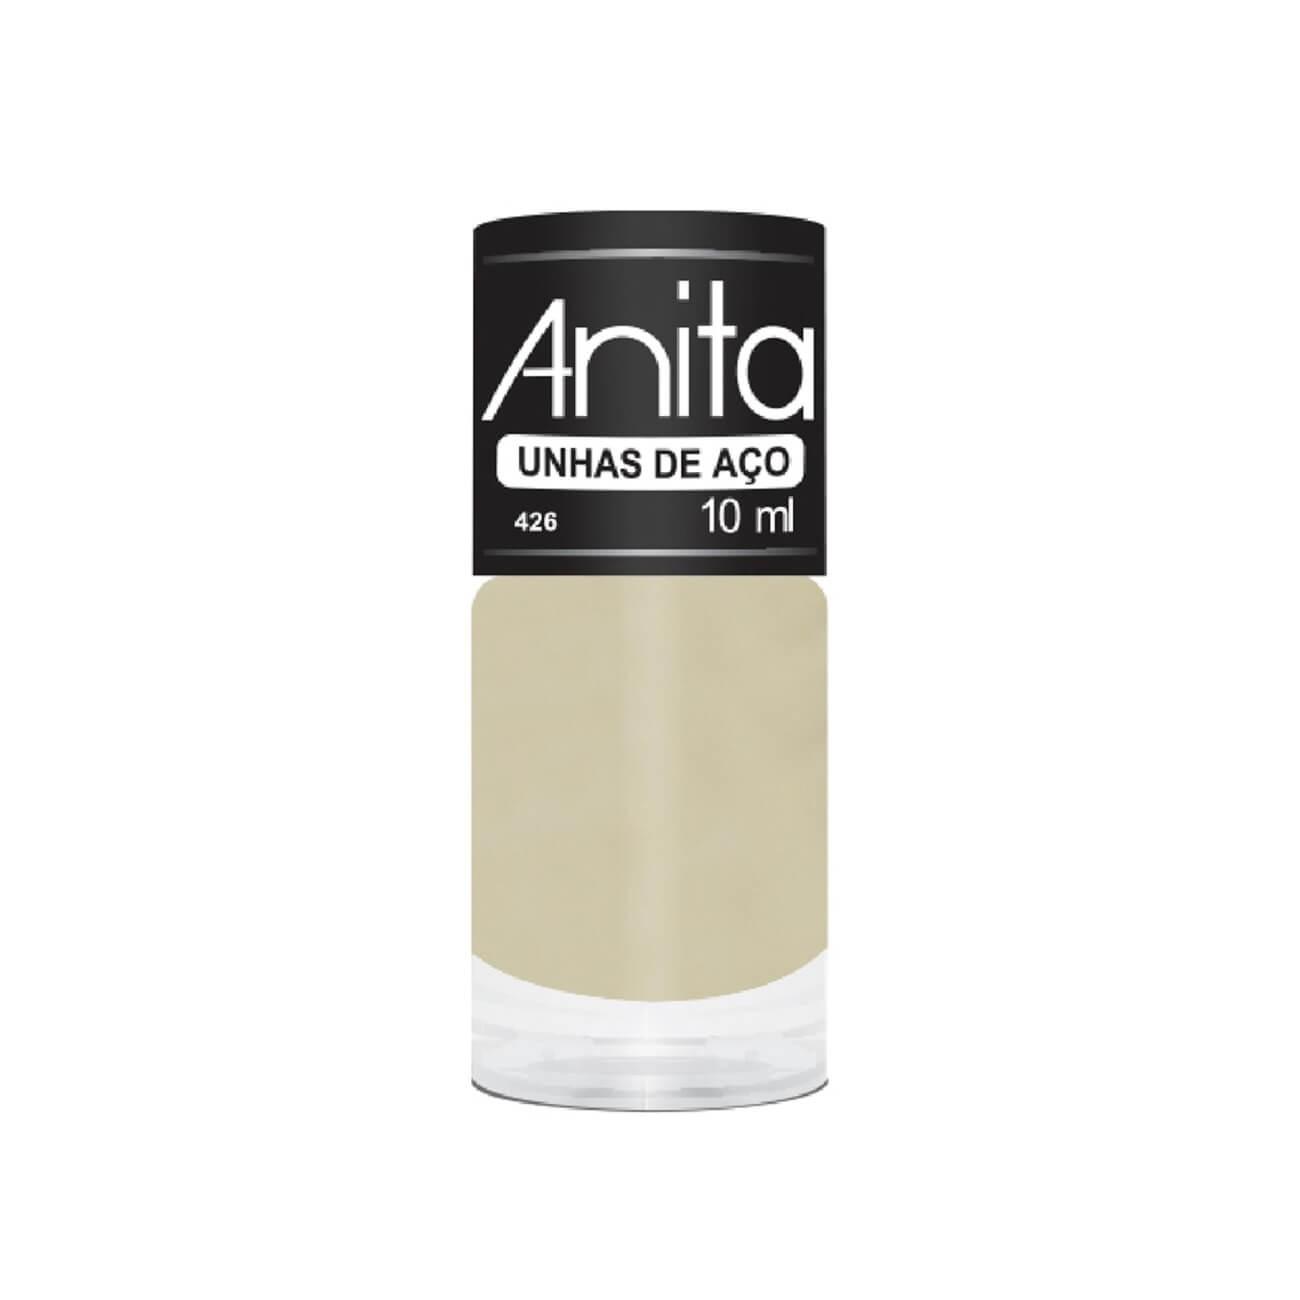 Esmalte Unhas de Aço 10ml - Anita